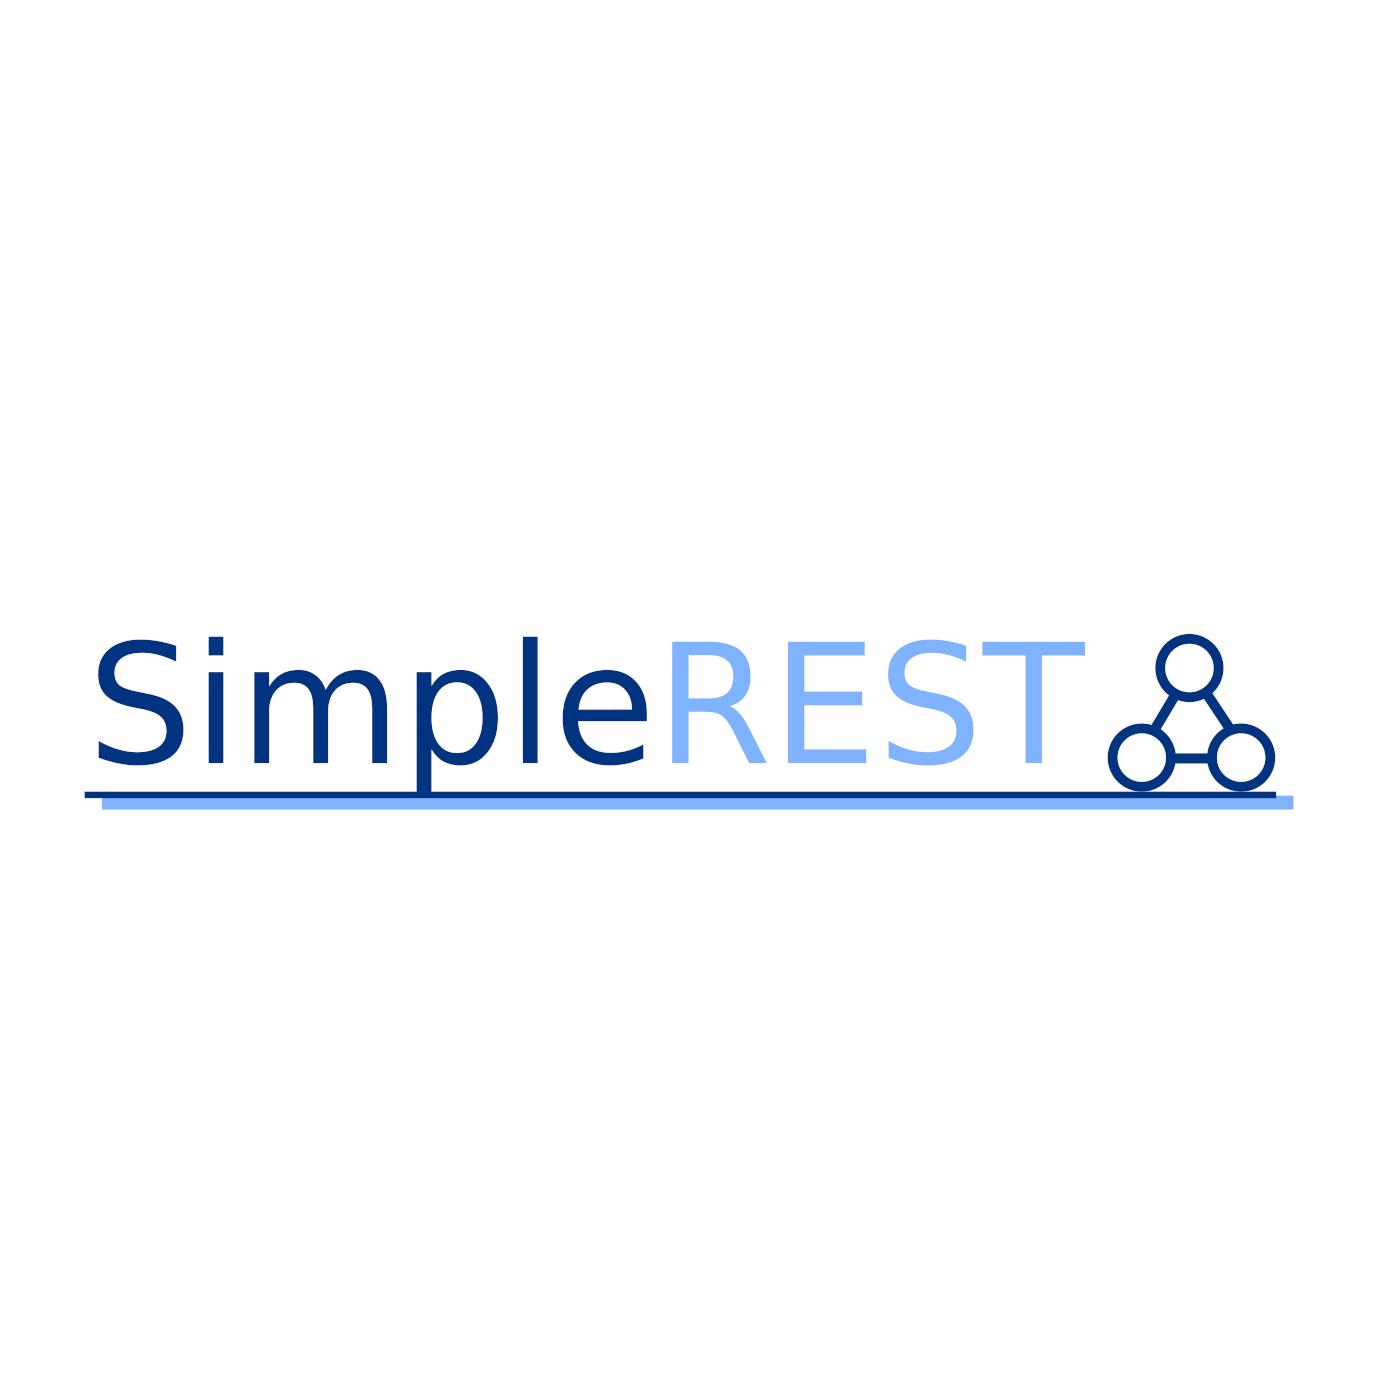 SimpleREST - Der Anfang